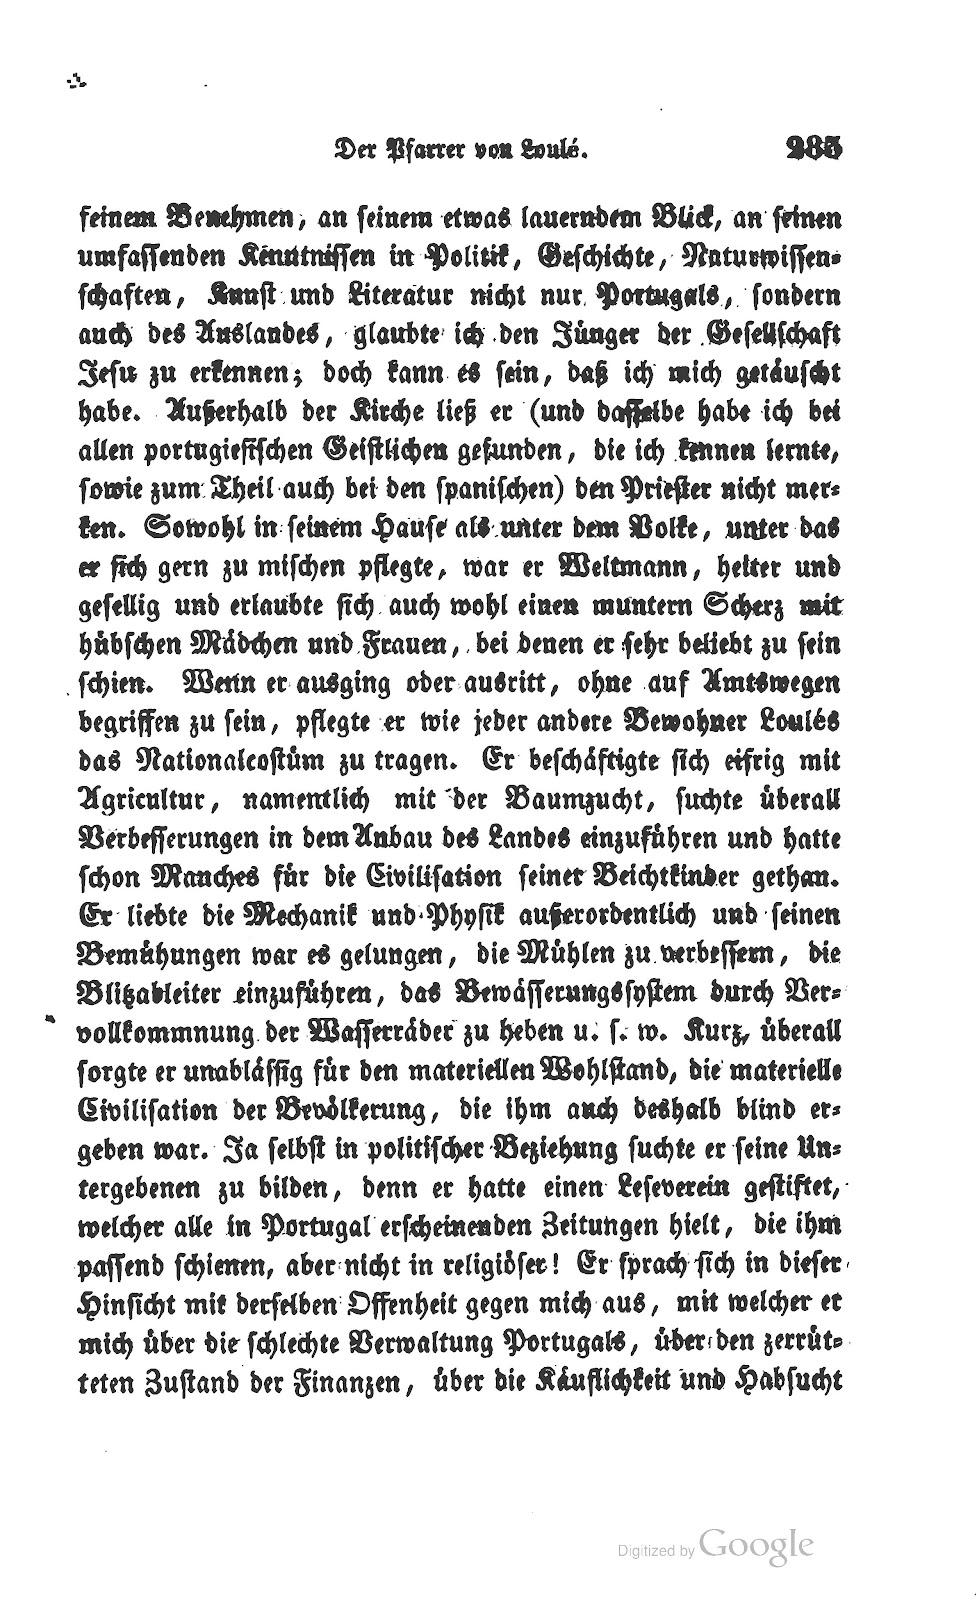 WIllkomm - 10. Kapitel Pages from Zwei_Jahre_in_Spanien_und_Portugal(3)_Page_25.jpg